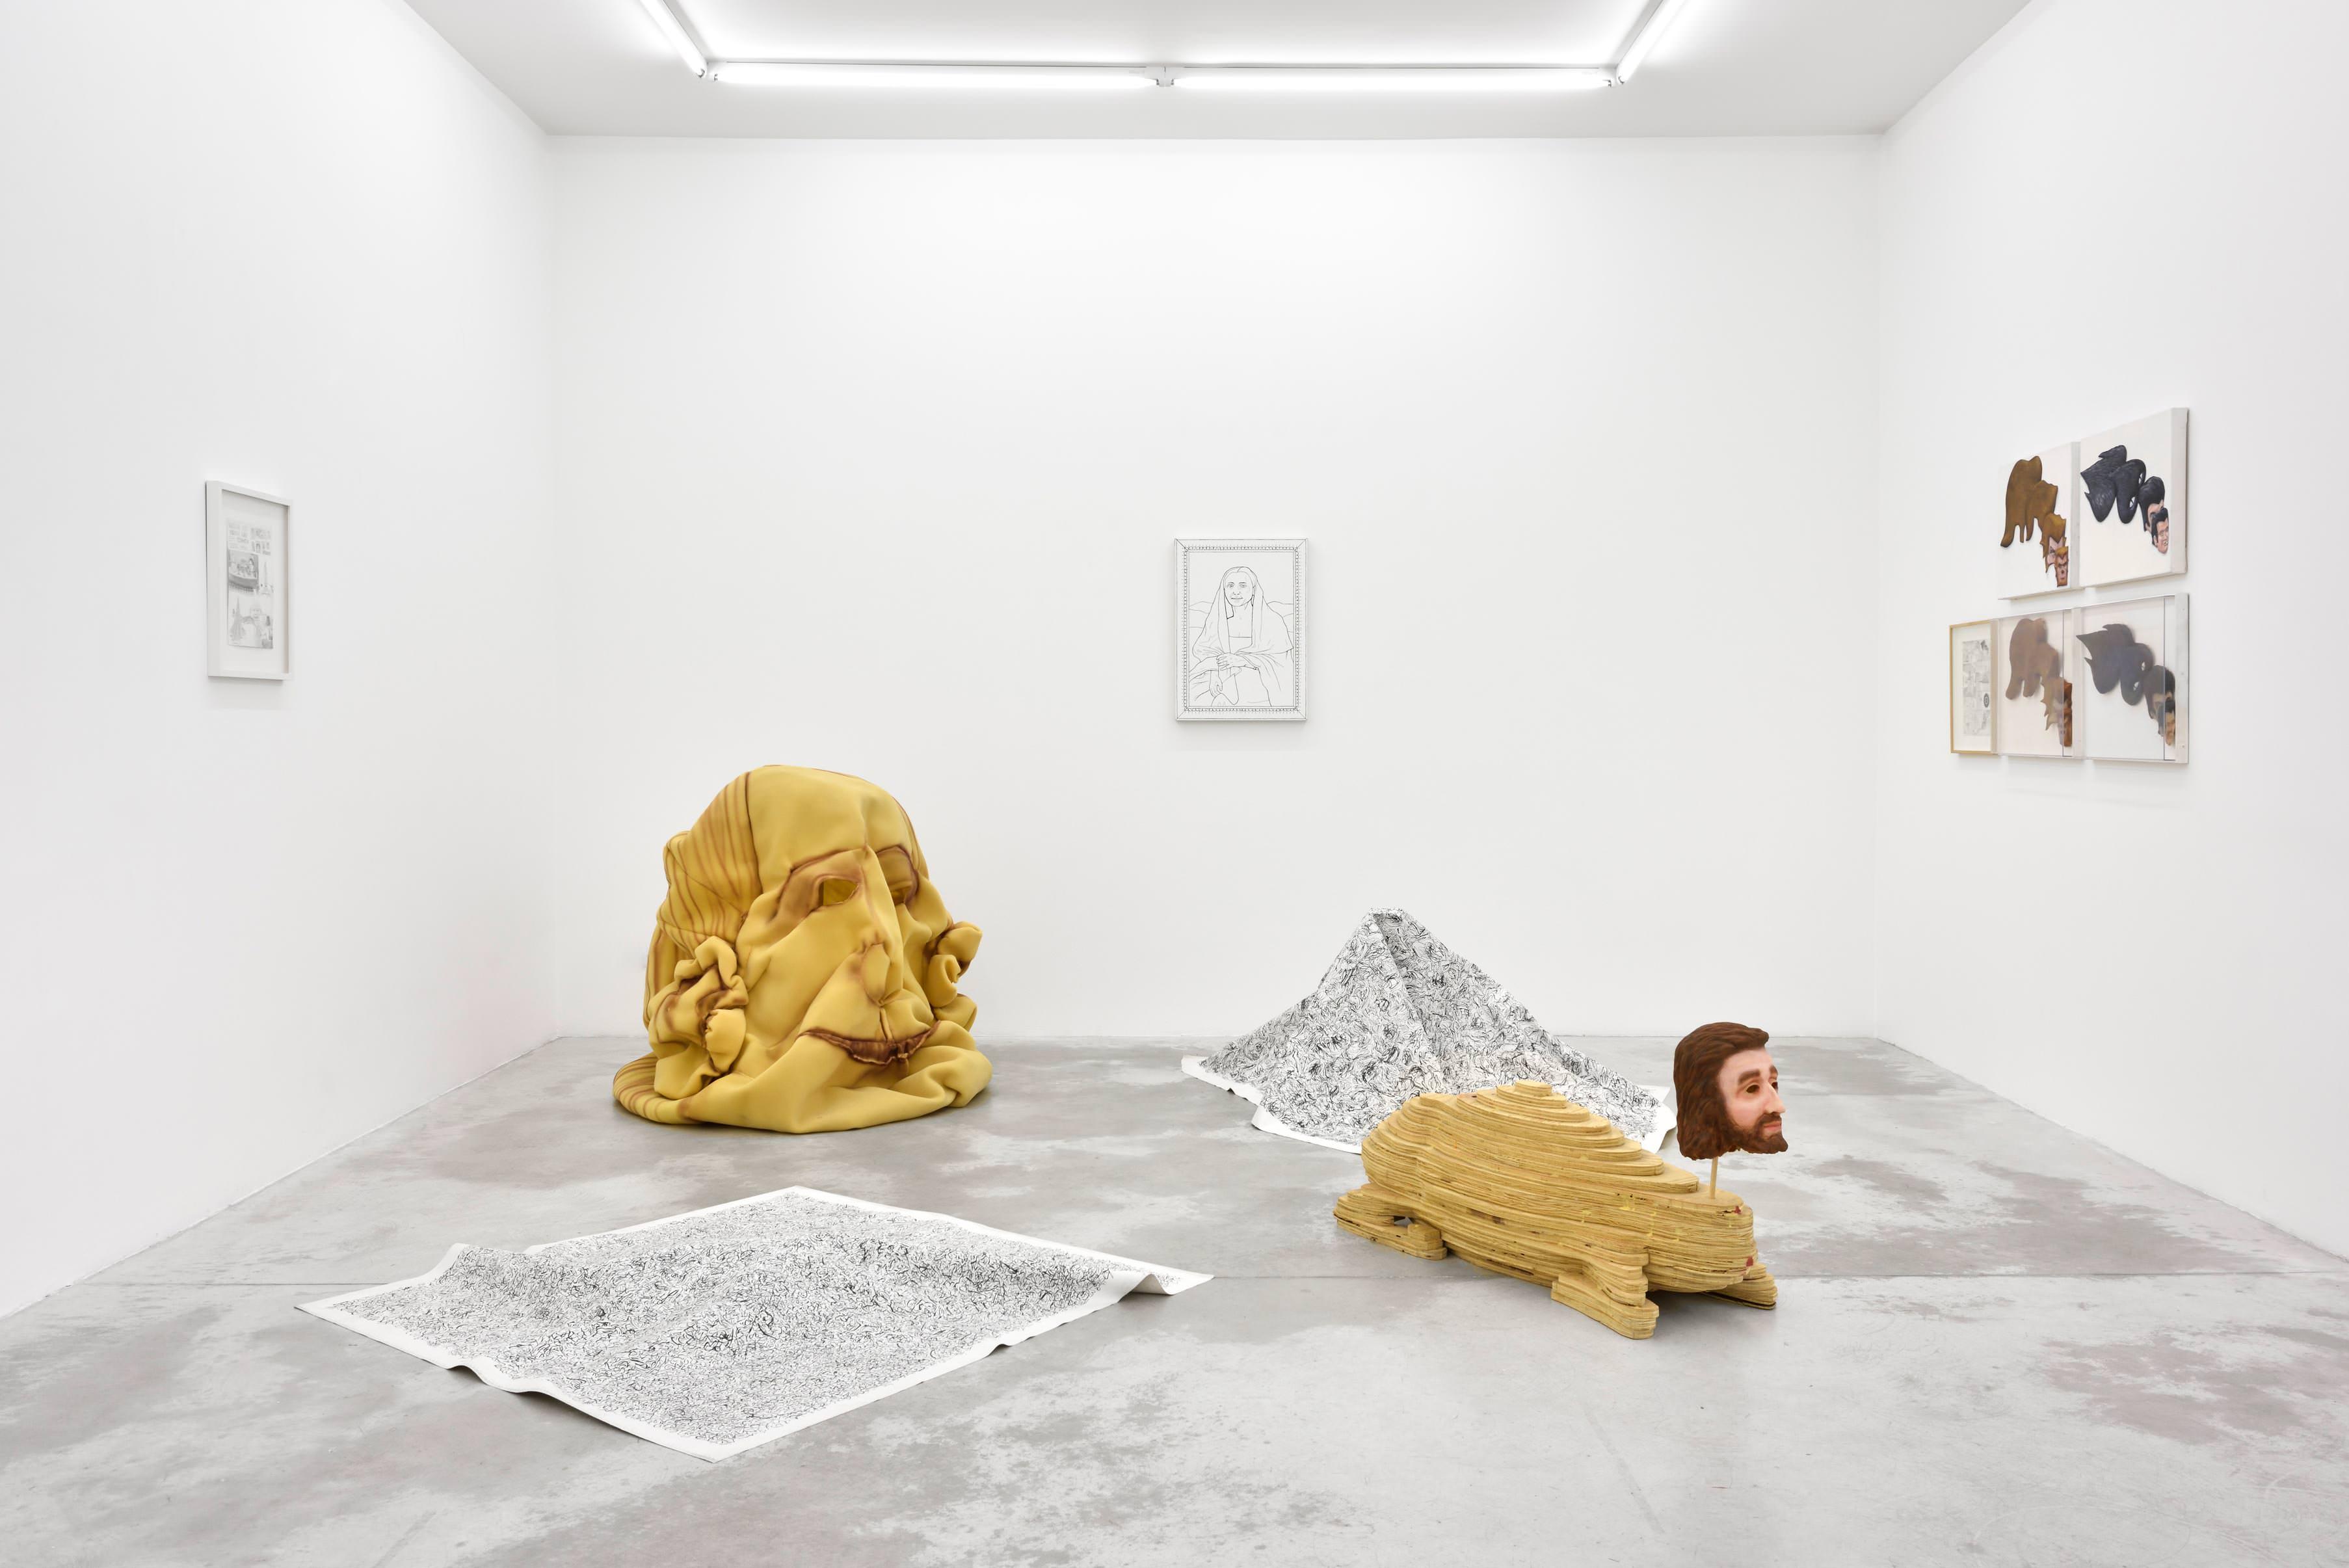 Dans la même veine que Paul McCarthy etMike Kelley,Jim Shaw fait partie de ces artistes de la générationeightiesqui partagent, depuis toujours, une certaineamertume envers la société de consommation américaine. S'appuyant sur l'imagerie de la pop culture –comics, cinéma, séries B… –, il traduit les symboles et les motifs du matérialisme via une œuvre plastique aussi extravagante qu'atypique.  Sculptures, dessins, installations, peintures, collages, tout y passe.Après être passé au New Museum de New York l'hiver dernier, c'est désormais entre les murs de la galerie parisienne Praz-Delavallade que Jim Shaw présente son exposition Rather Fear God. Celle-cirassemble une partie de ses fameux Dream Objects,série orientée vers la retranscription de ses rêves personnels réalisés entre 1995 et 1998, qui se fonde sur plusieurs dessins et croquis (Dream Drawings). L'artiste néo-conceptuel en extirpe des œuvres tridimensionnelles qui établissent un parallèle entre fantasme et réalité.